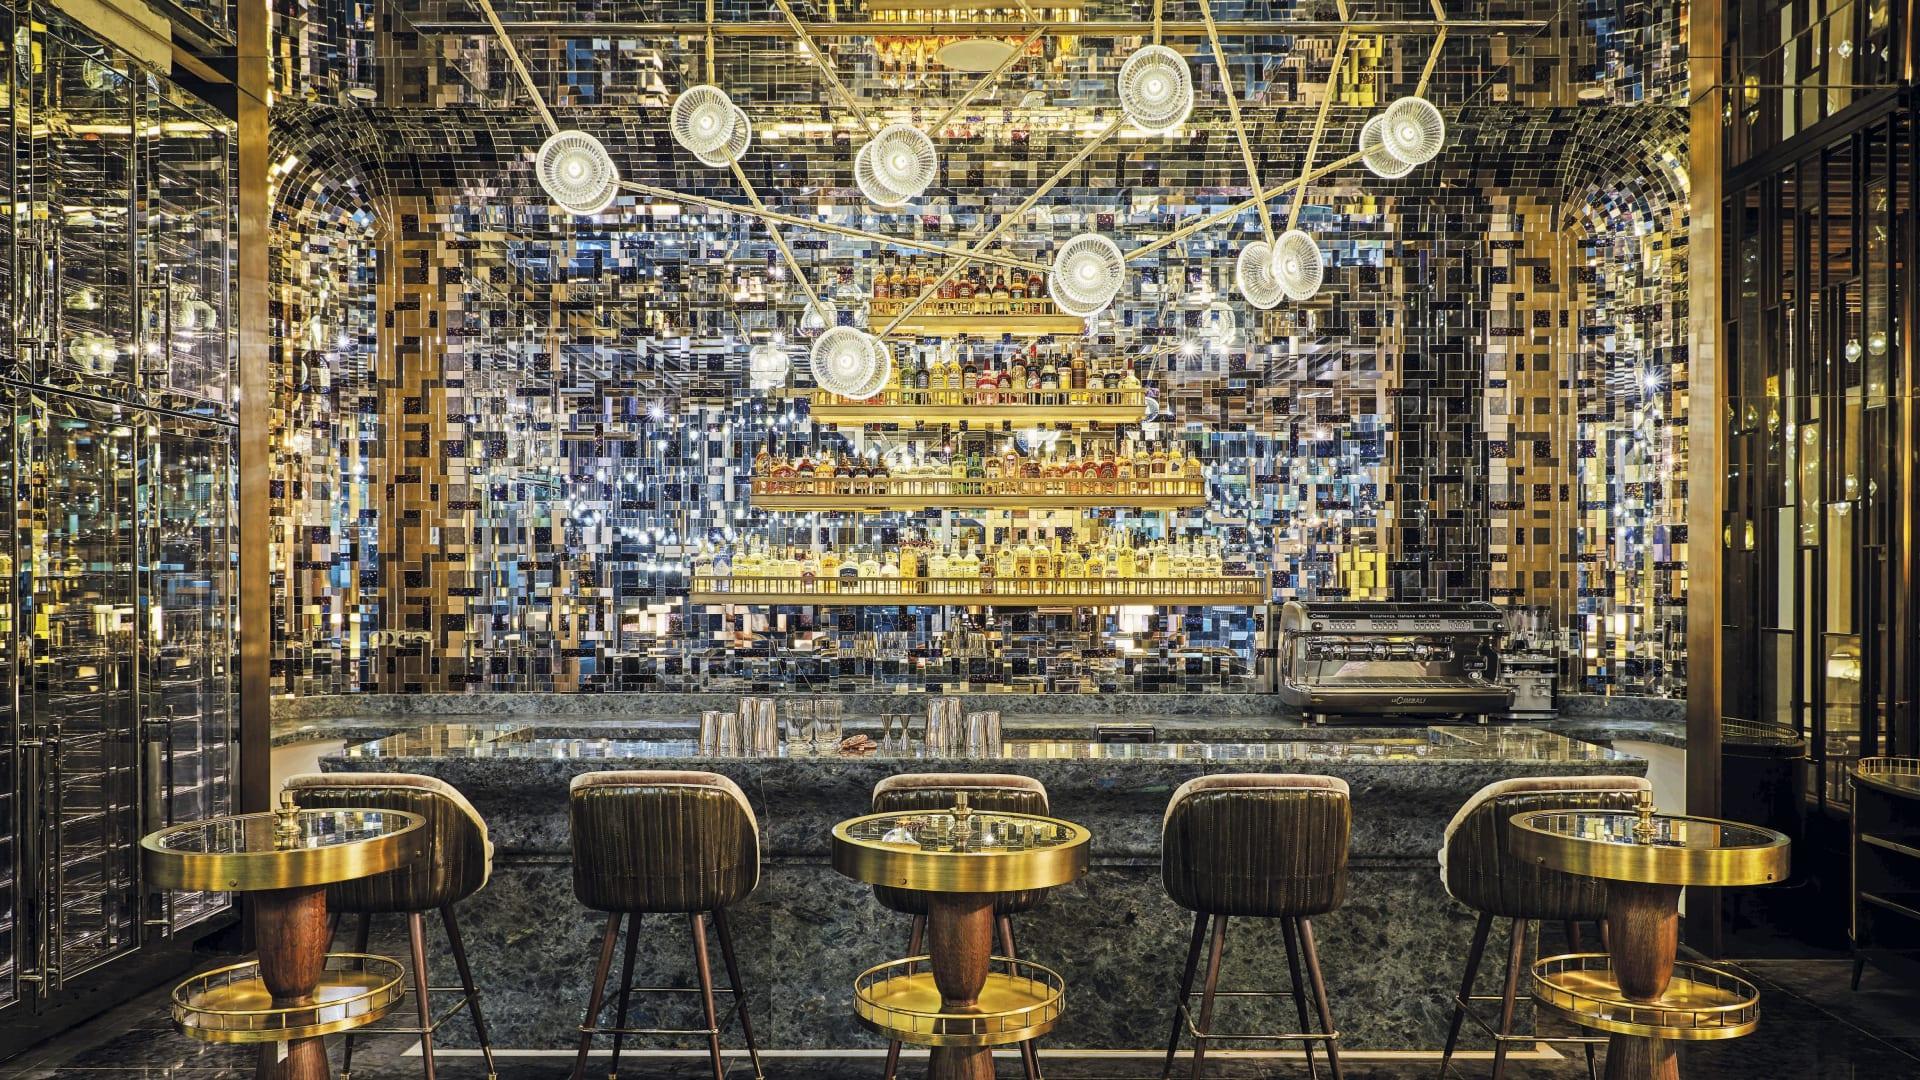 حانة تريغونا في فندق فور سيزونز كوالا لمبور، ماليزيا